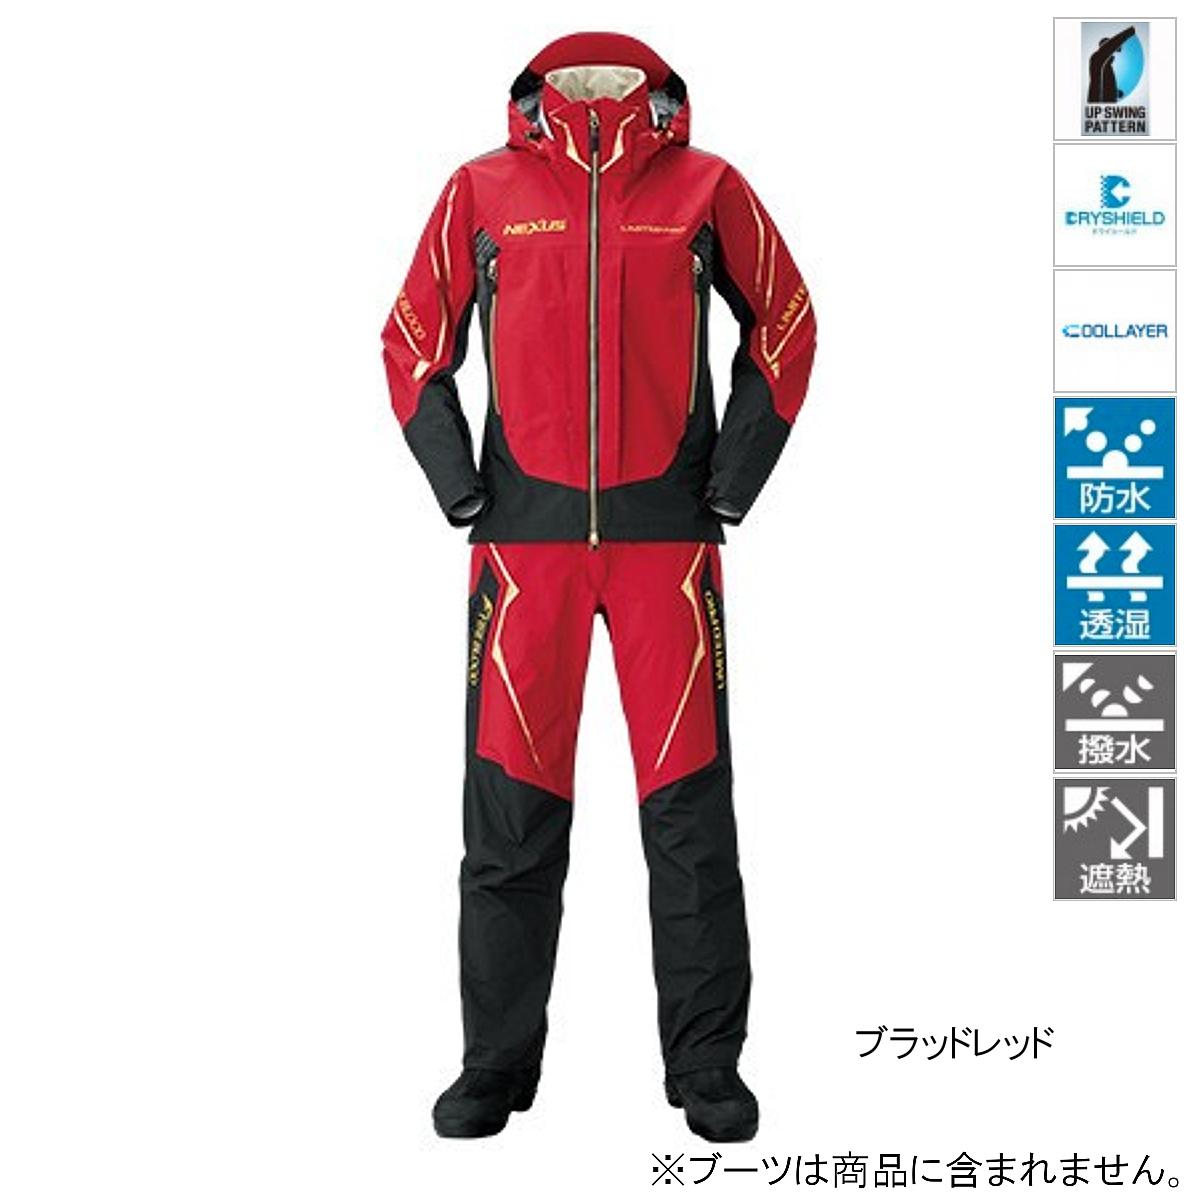 シマノ NEXUS DS クール レインスーツ LIMITED PRO RA-123R M ブラッドレッド(東日本店)